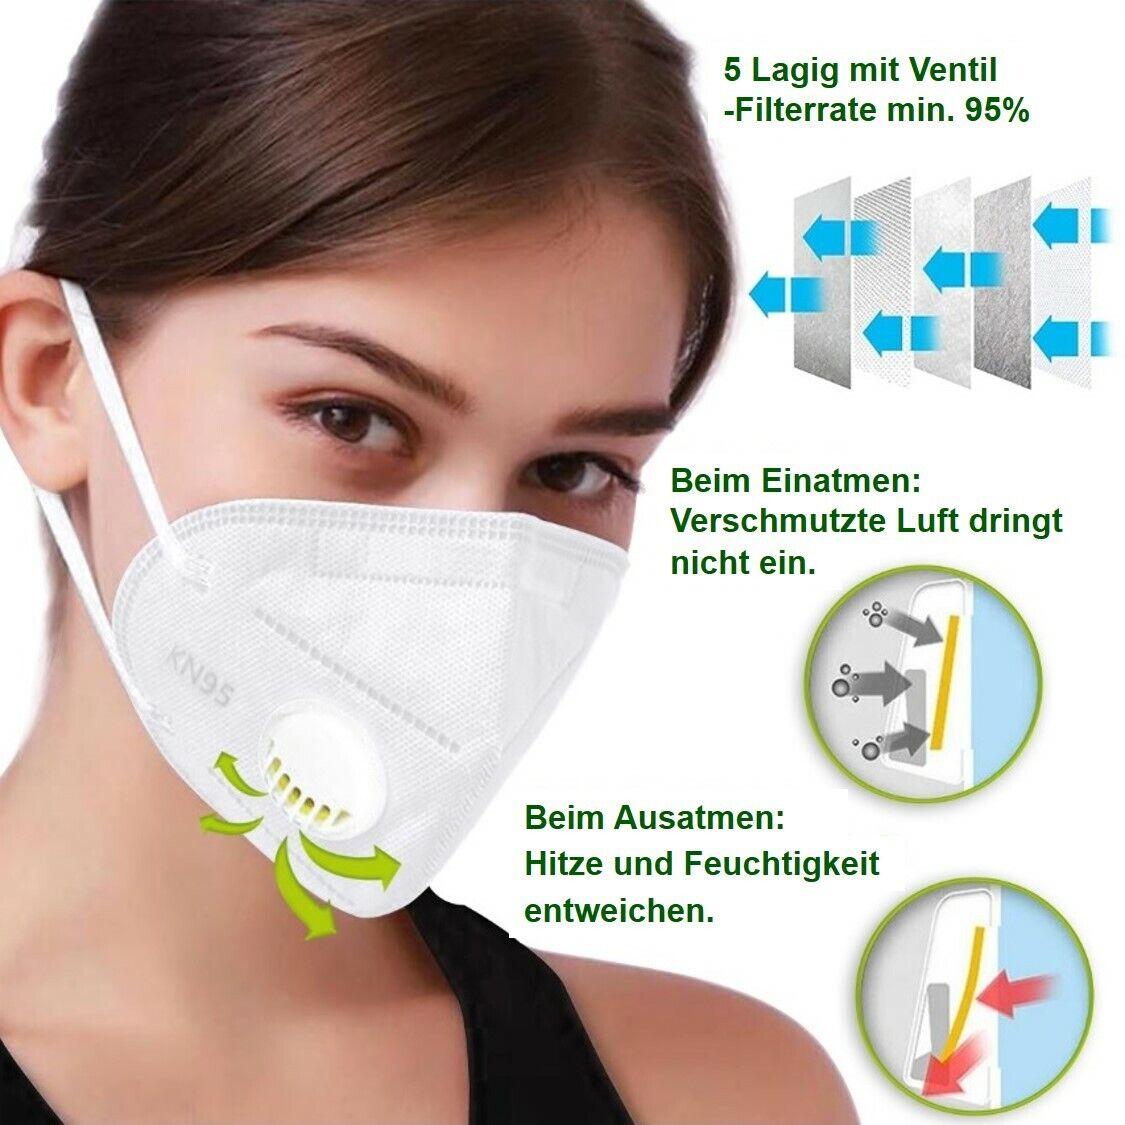 FFP2 Ergonomisch geformte Atem Maske Schutzmaske Mundschutz 5 Lagig mit Ventil